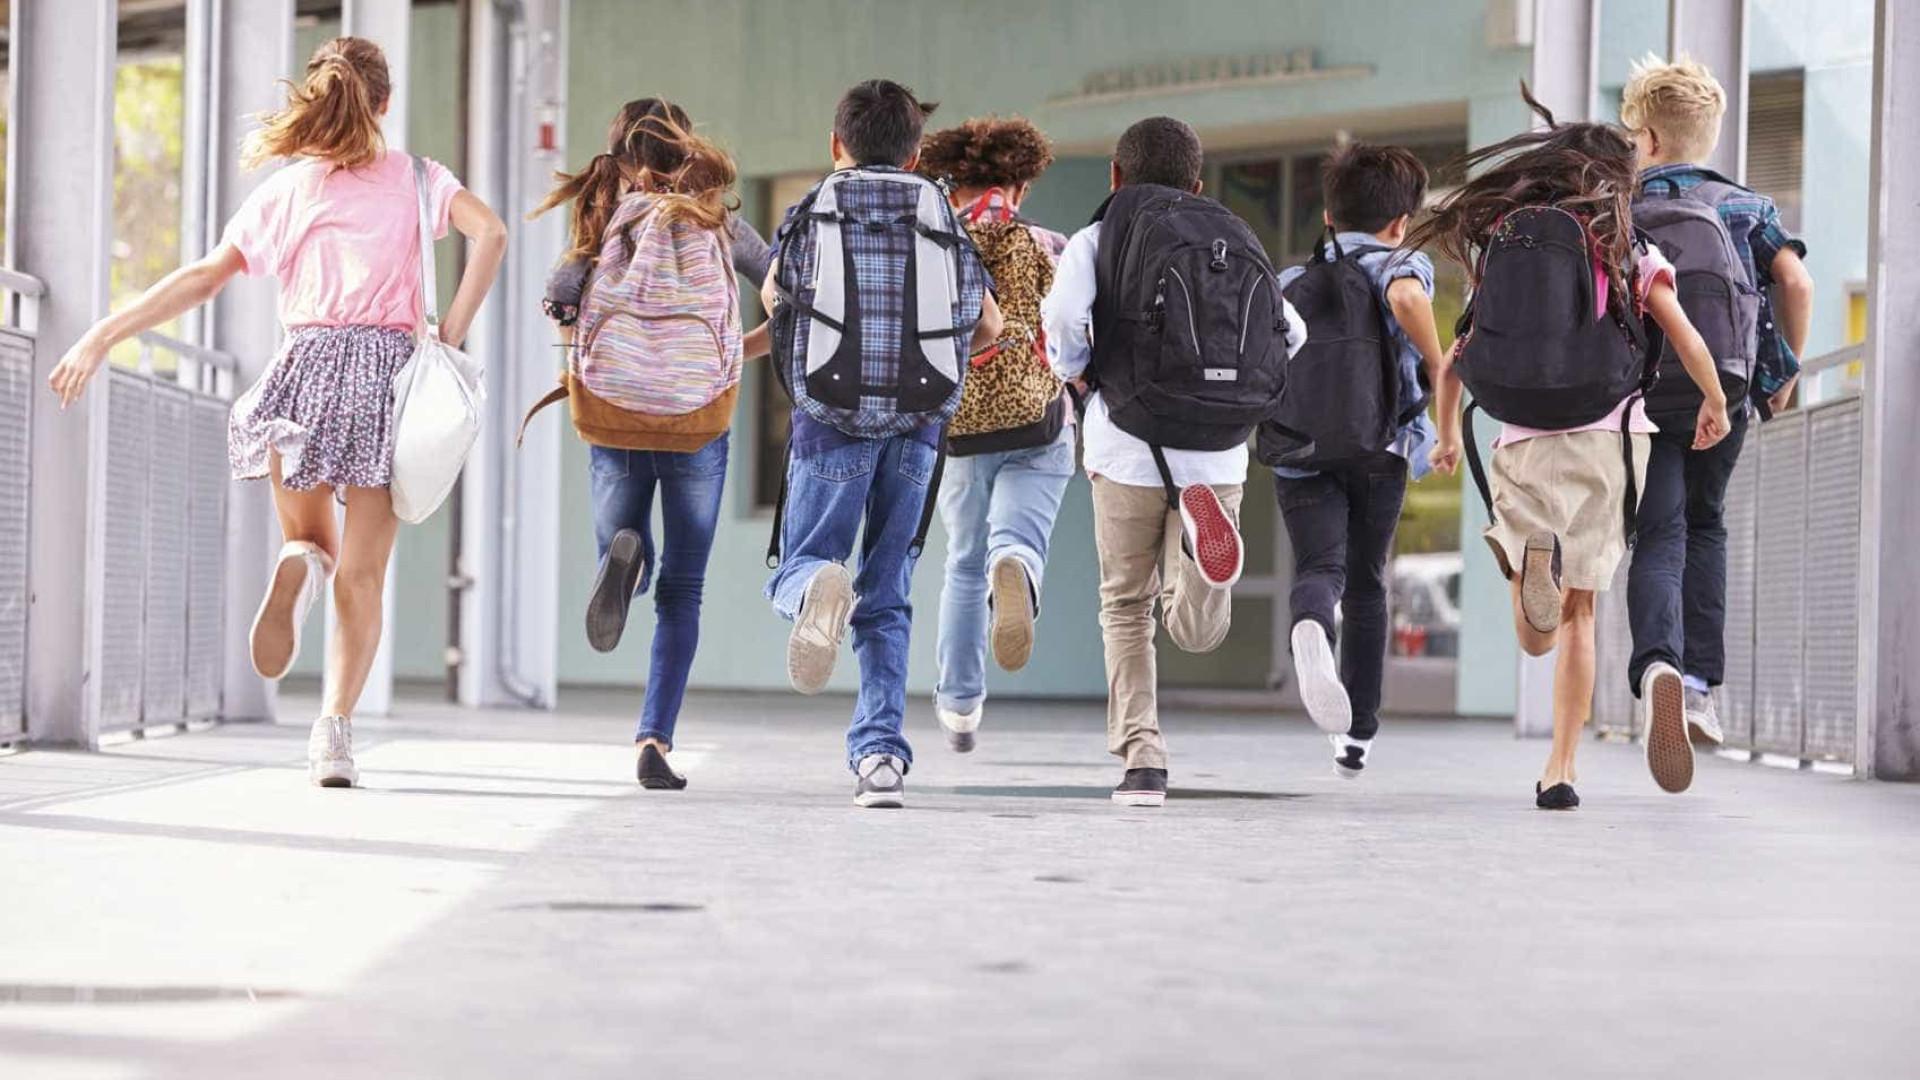 Famílias vão gastar uma média de 487 euros em material escolar